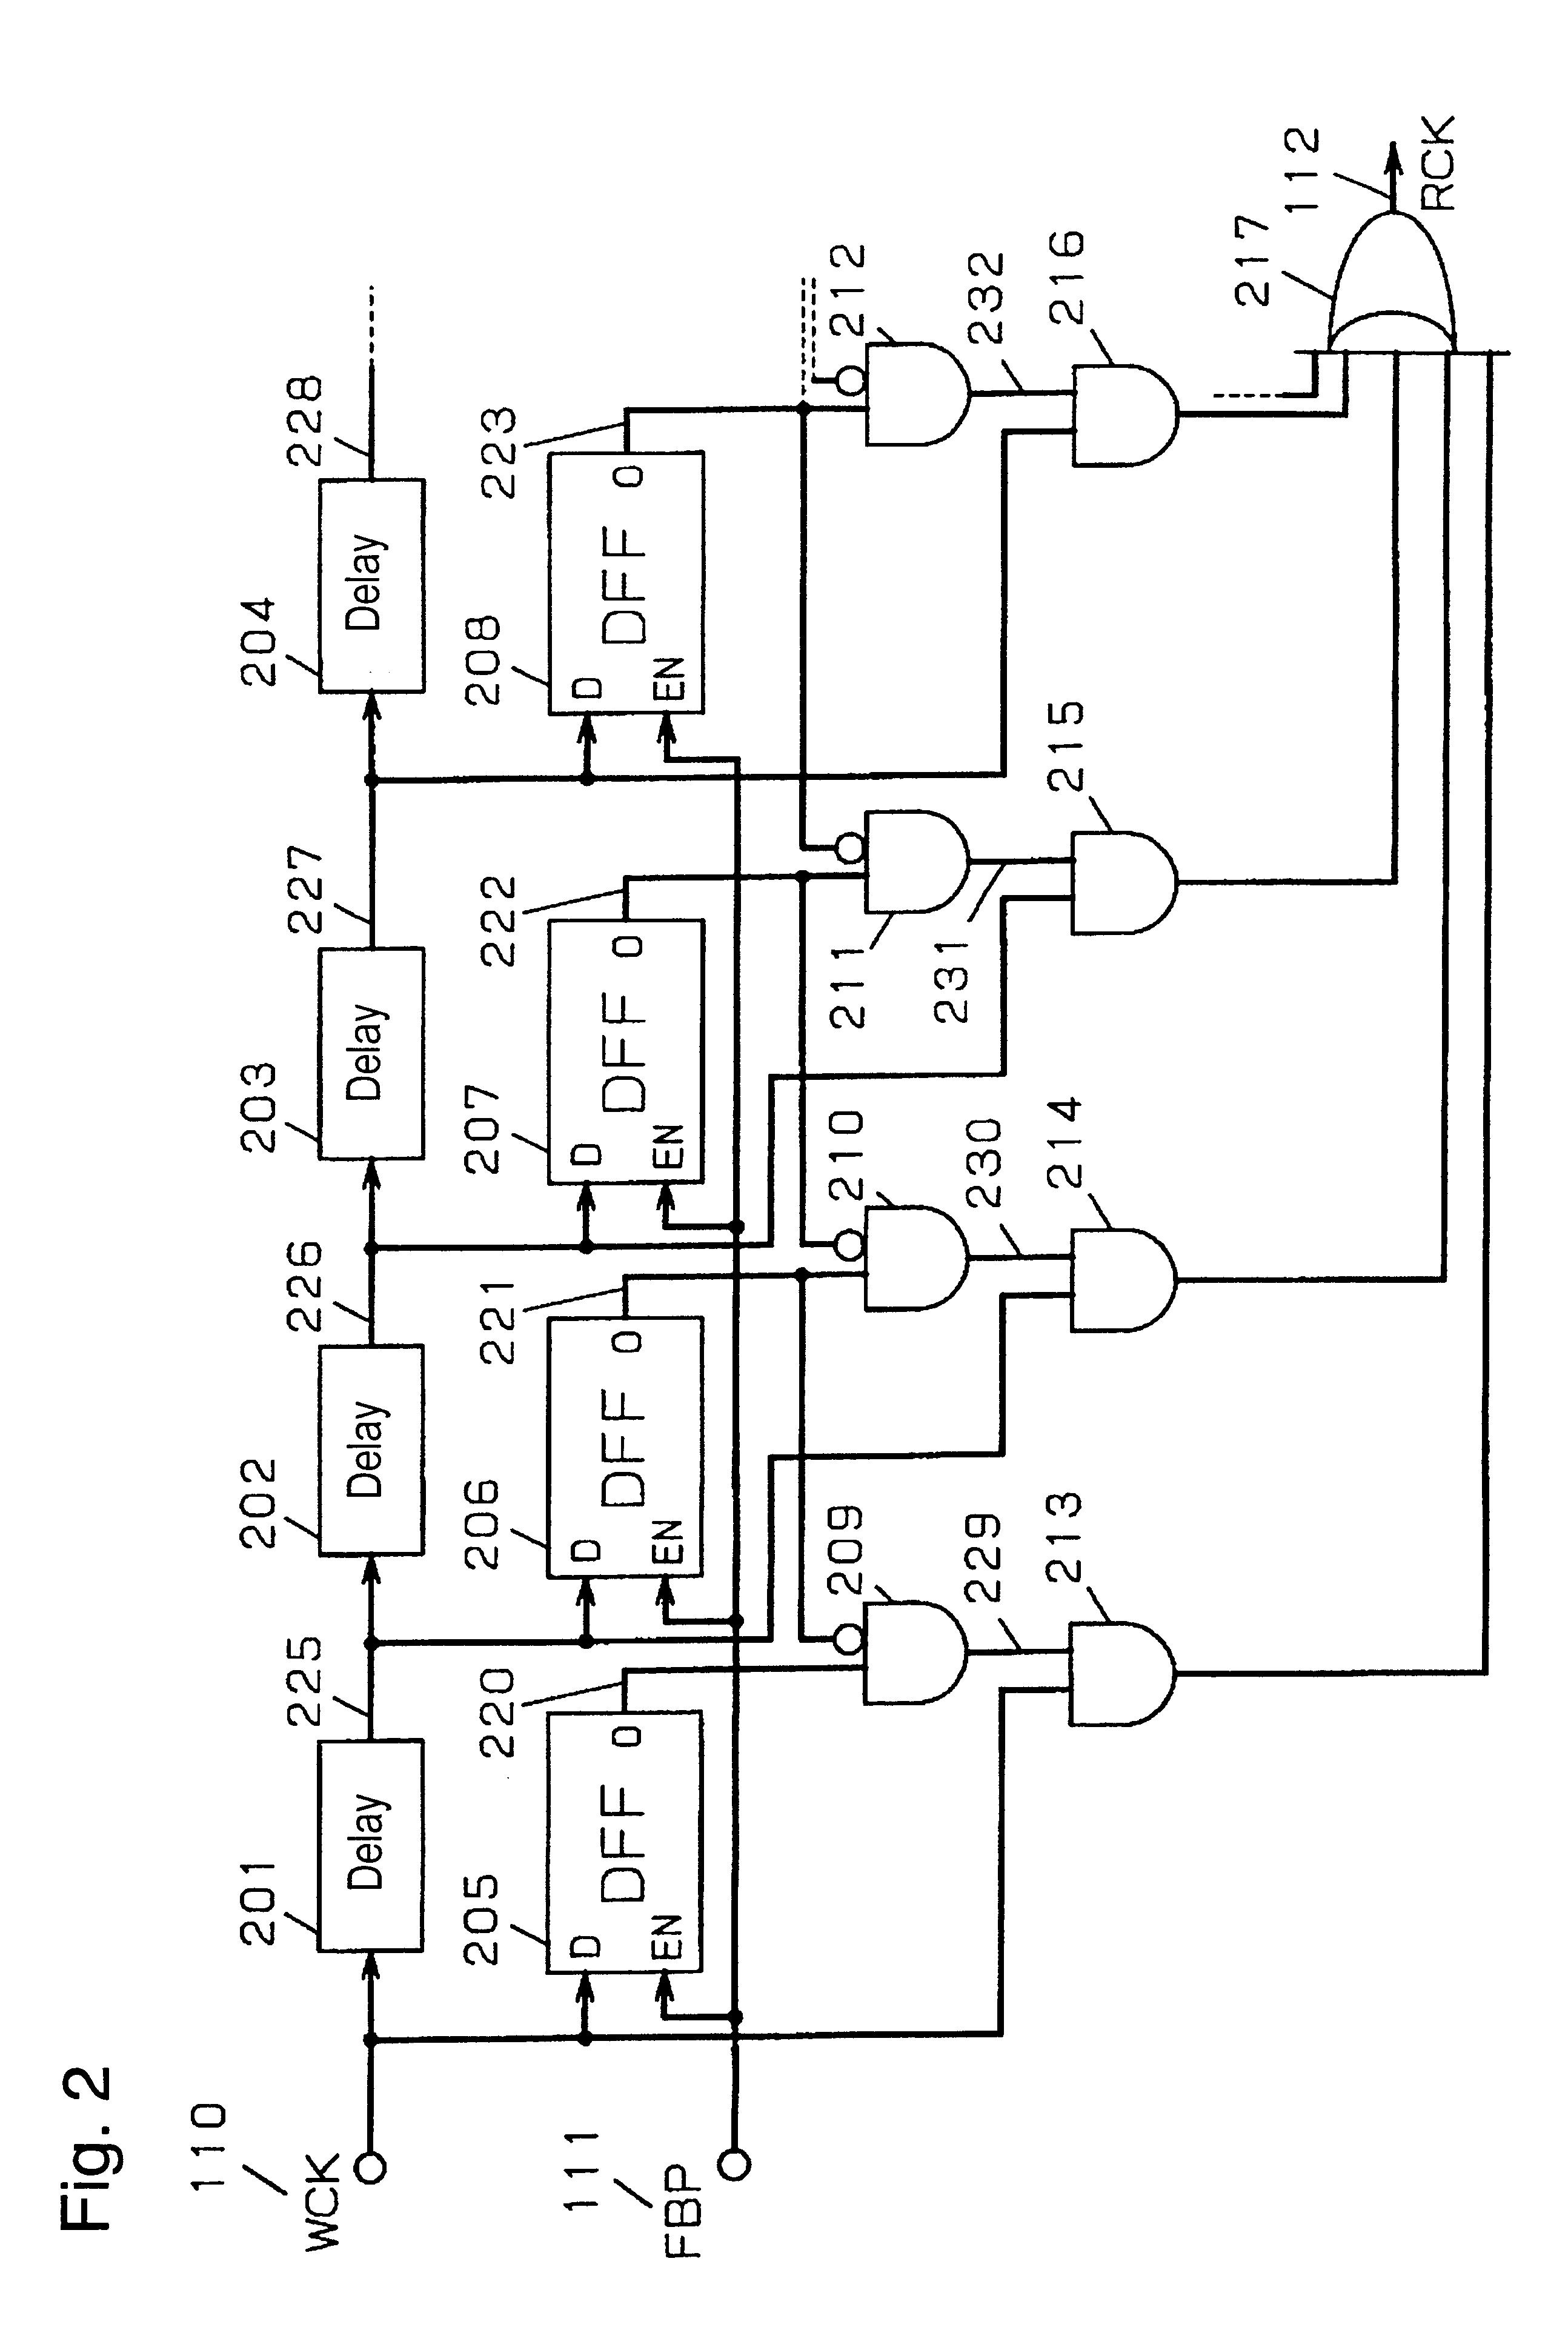 2 phase separator diagram